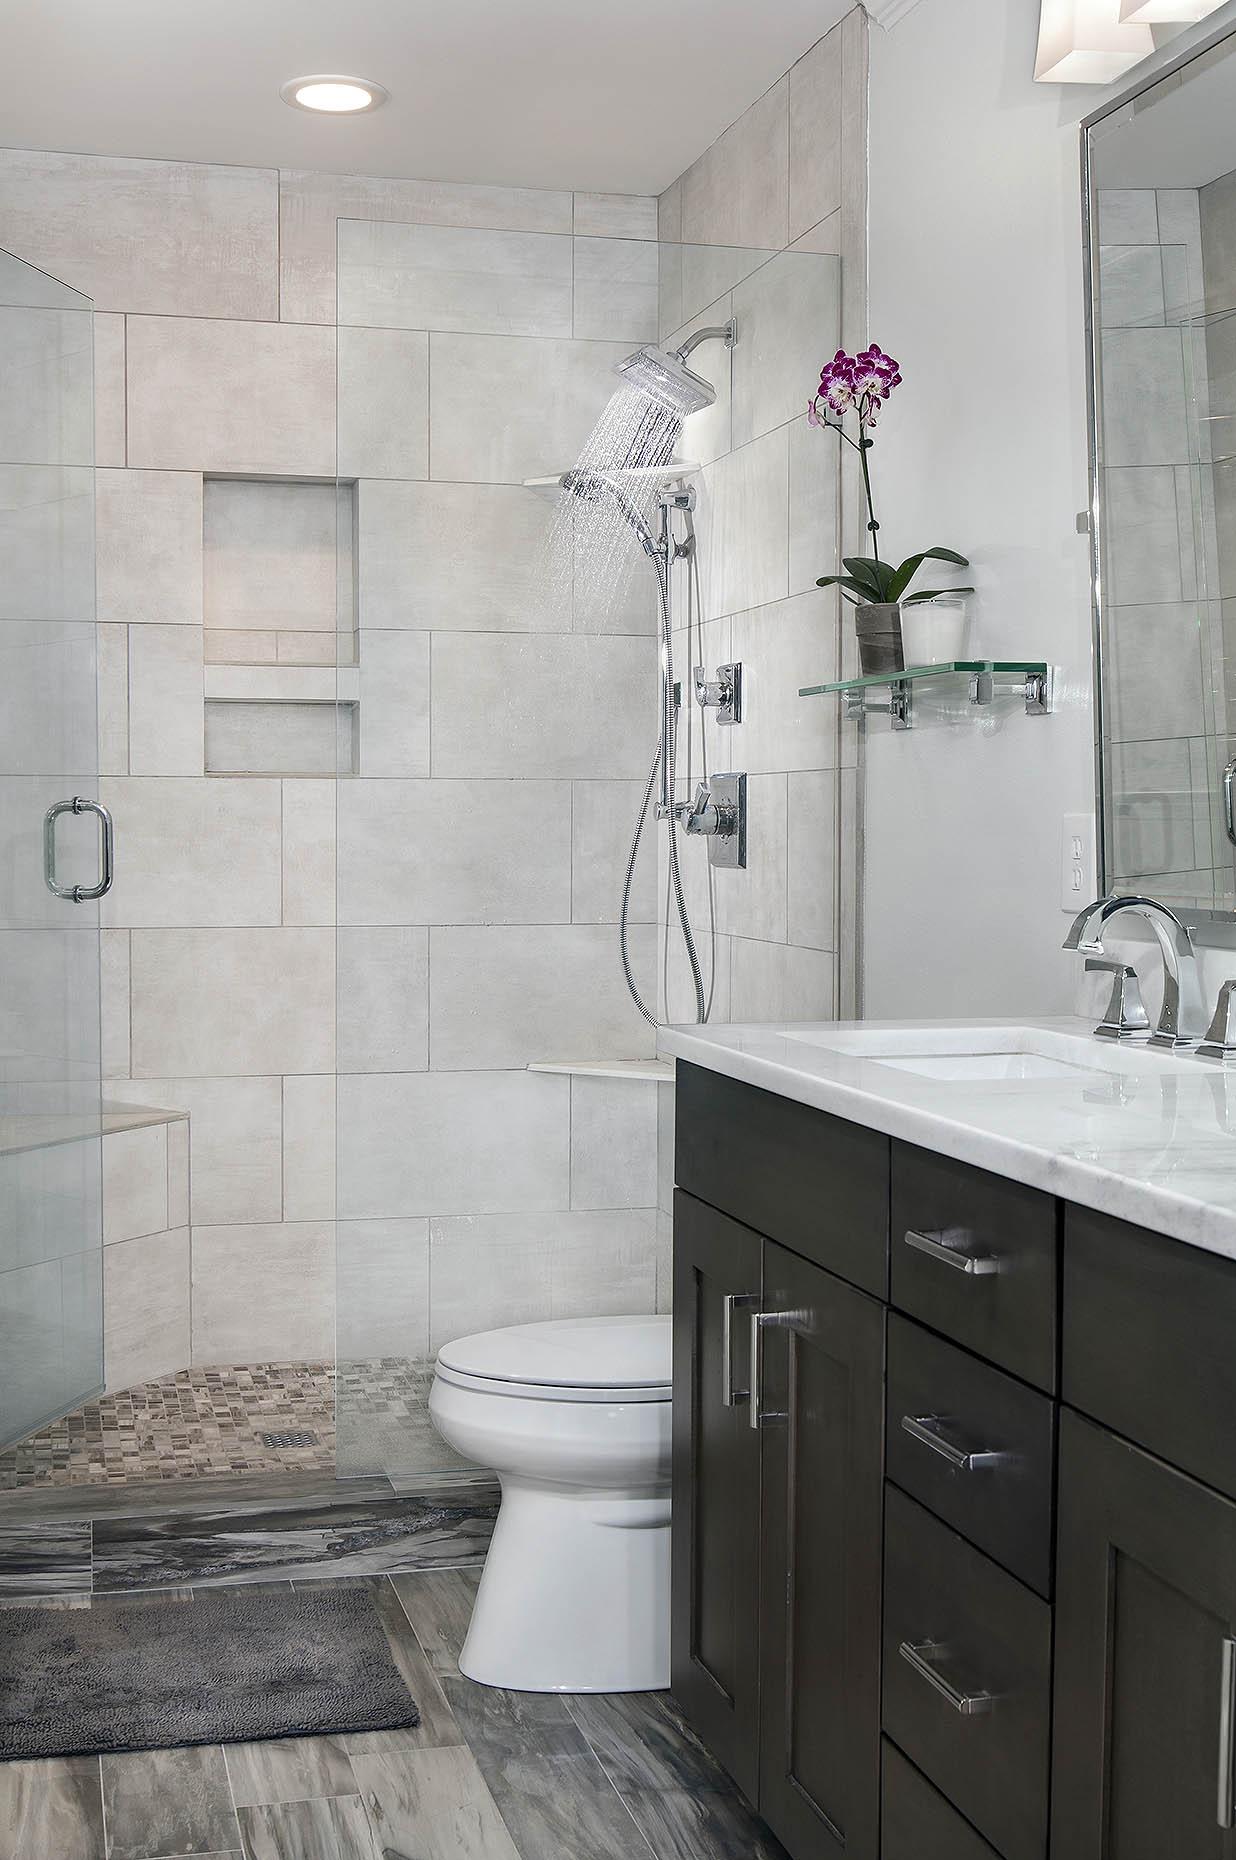 EE_bathroom_01.jpg